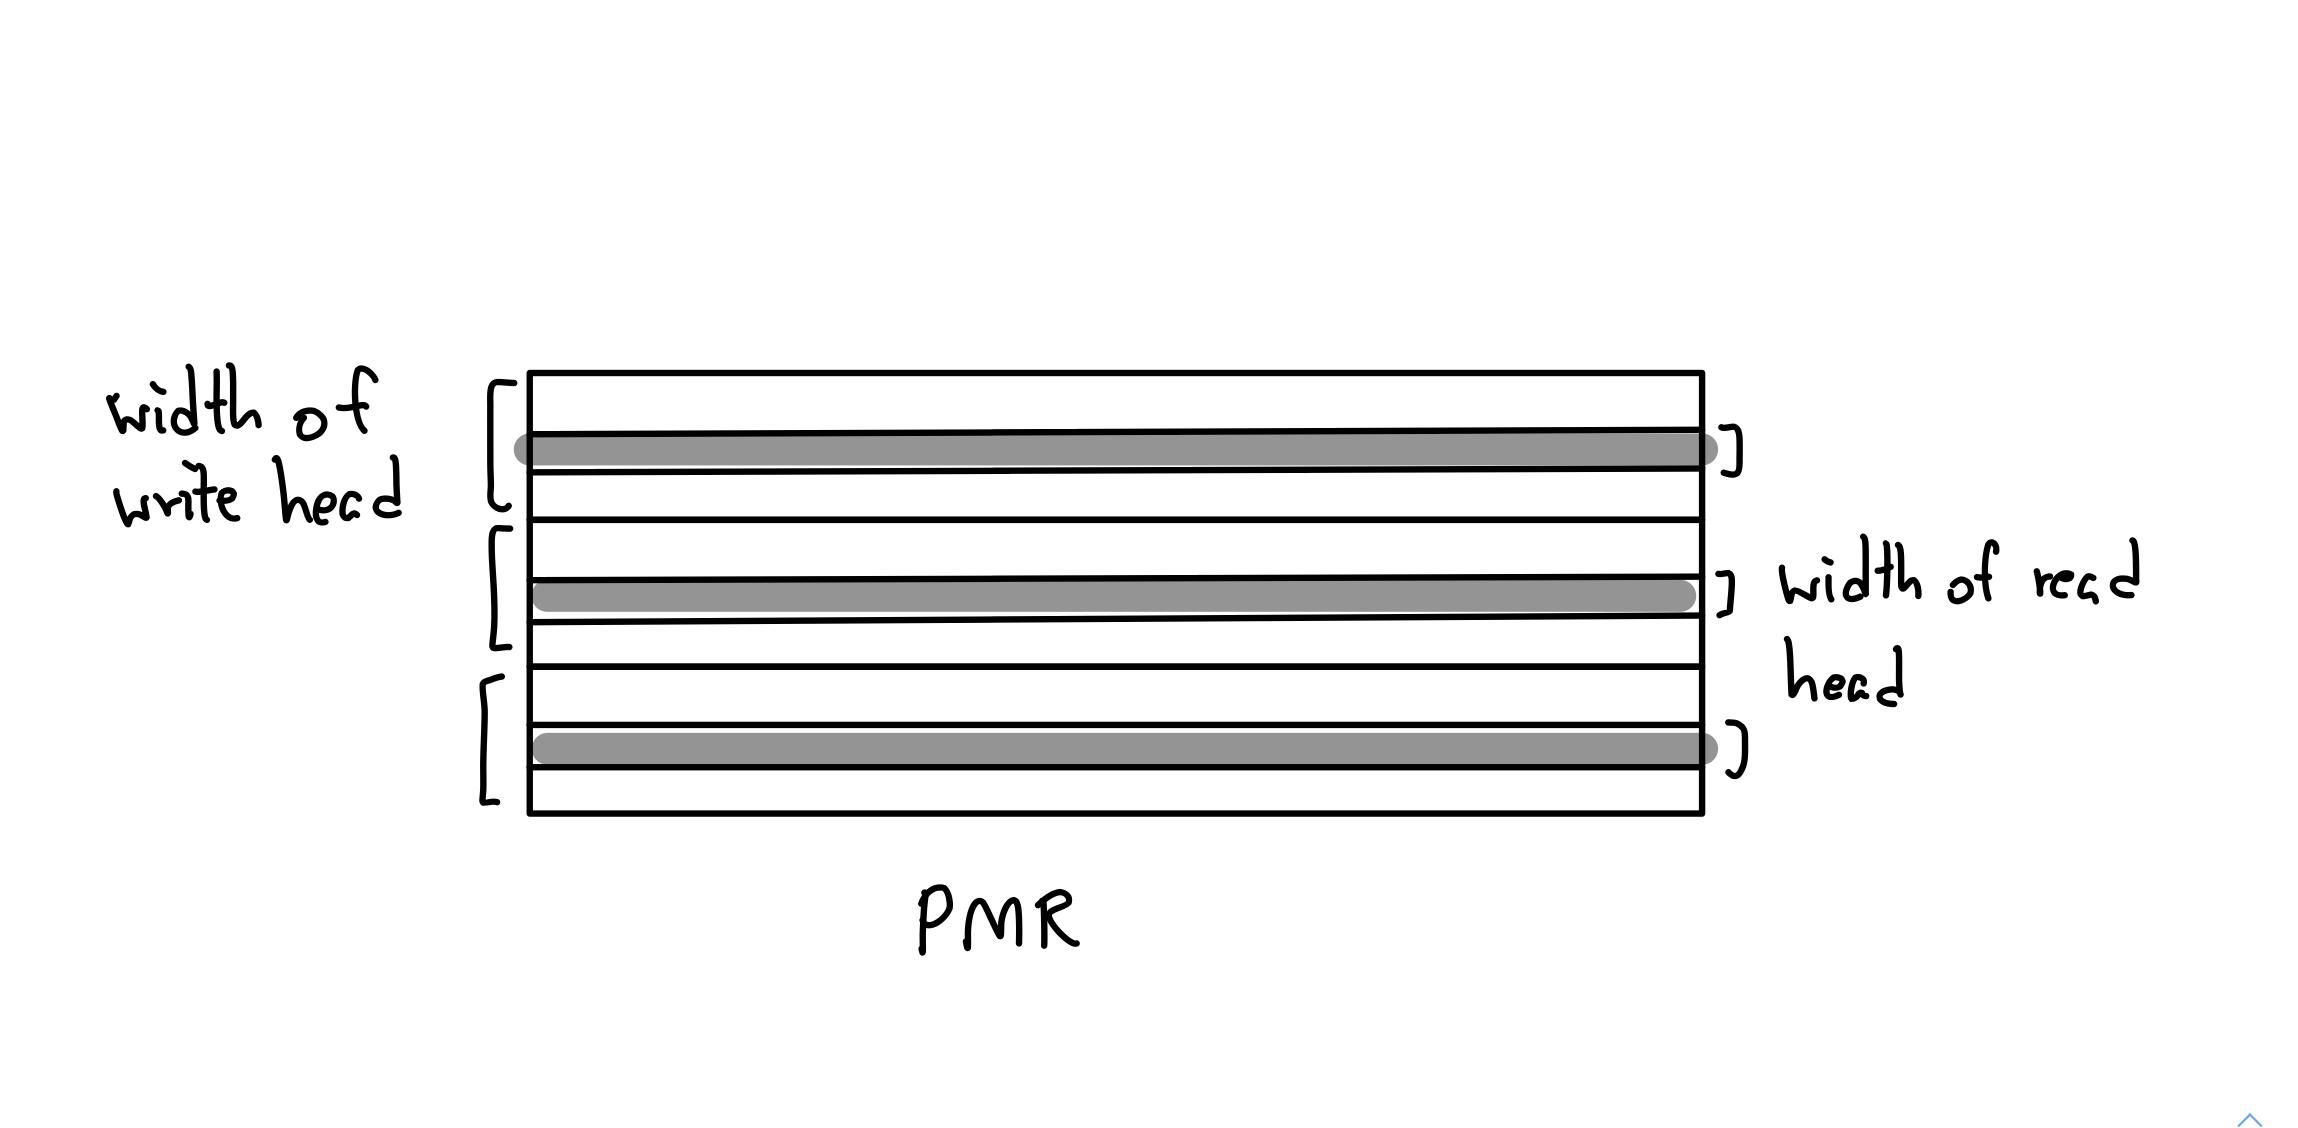 PMR Perpendicular Magnetic Recording